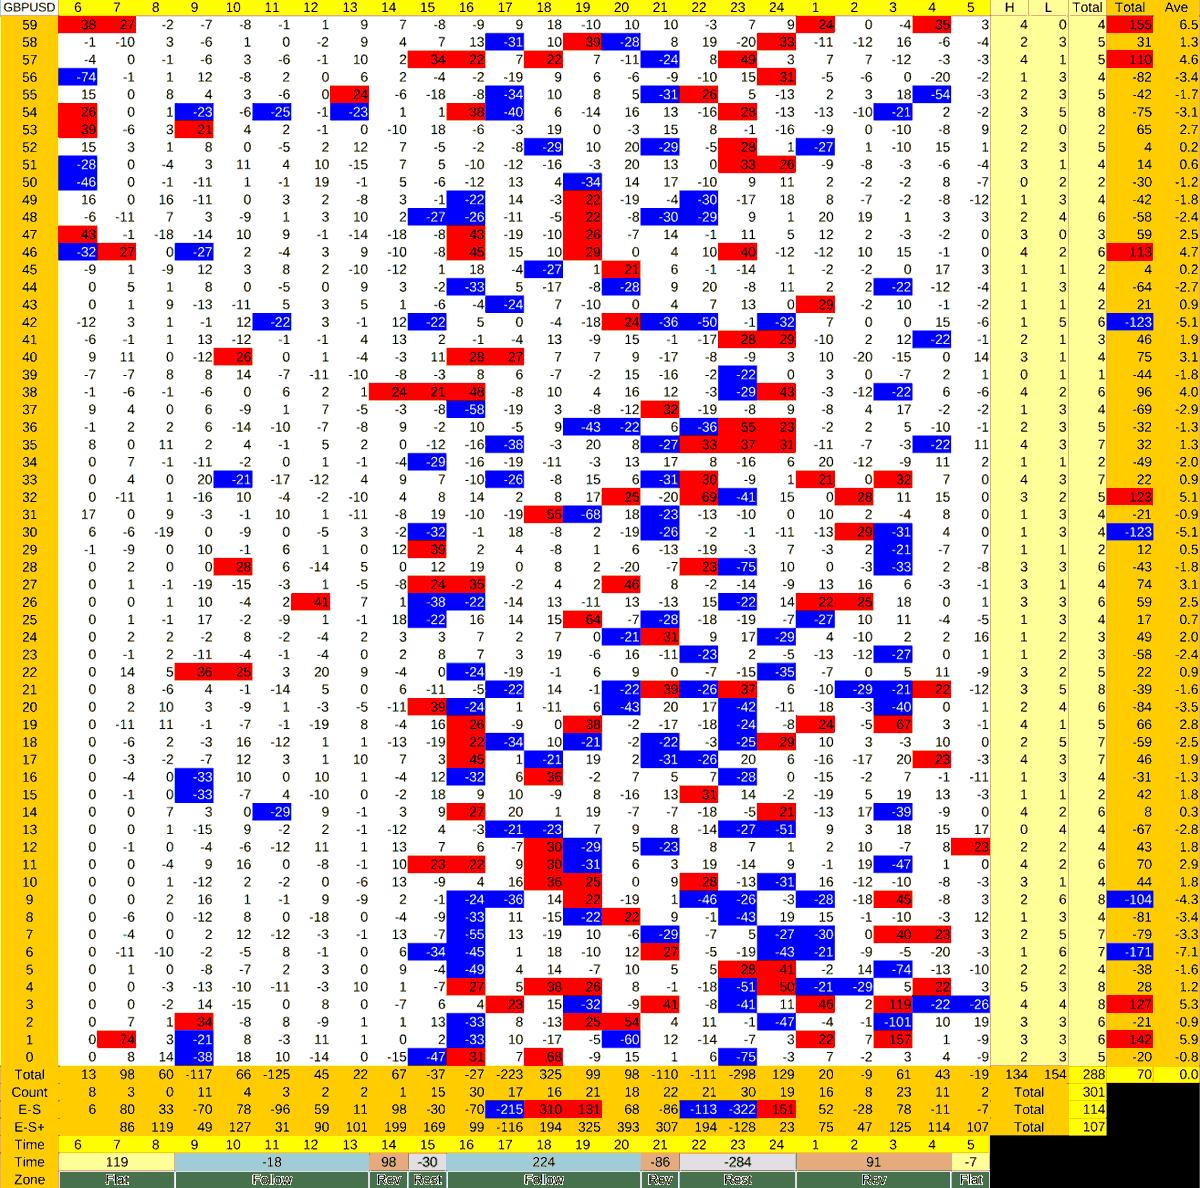 20210707_HS(2)GBPUSD